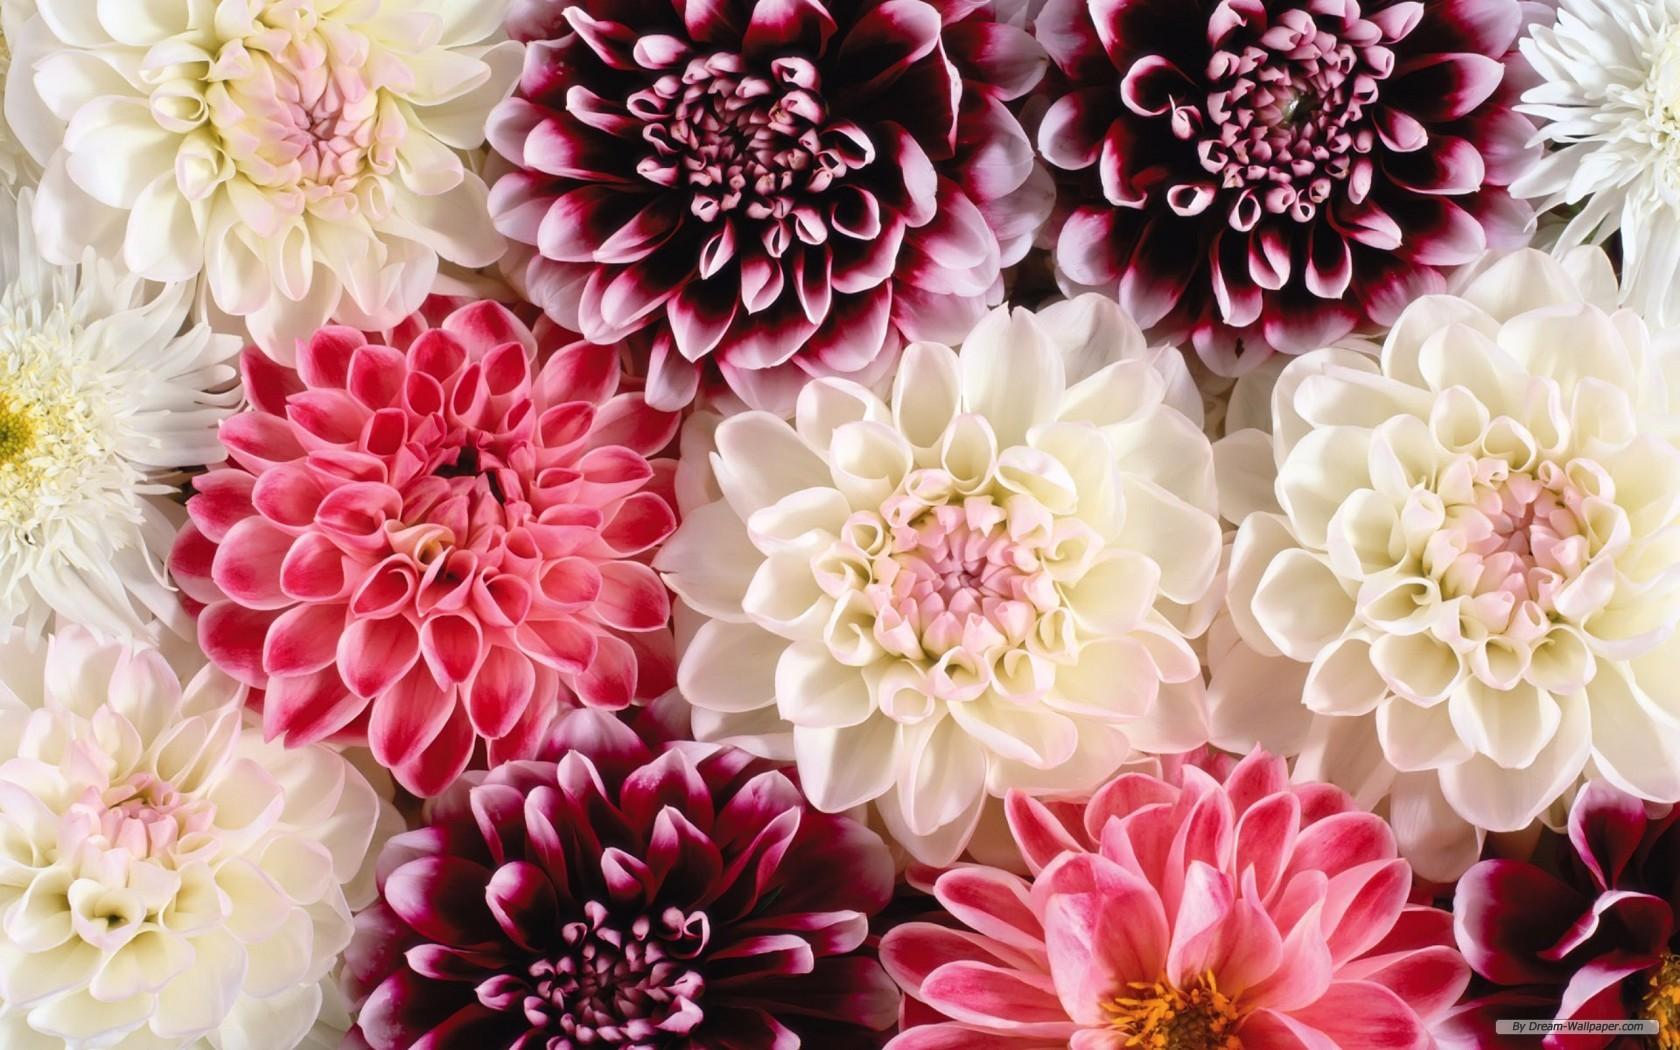 Free pretty flower wallpaper wallpapersafari wallpaper flower wallpaper beautiful flower wallpaper 1680x1050 mightylinksfo